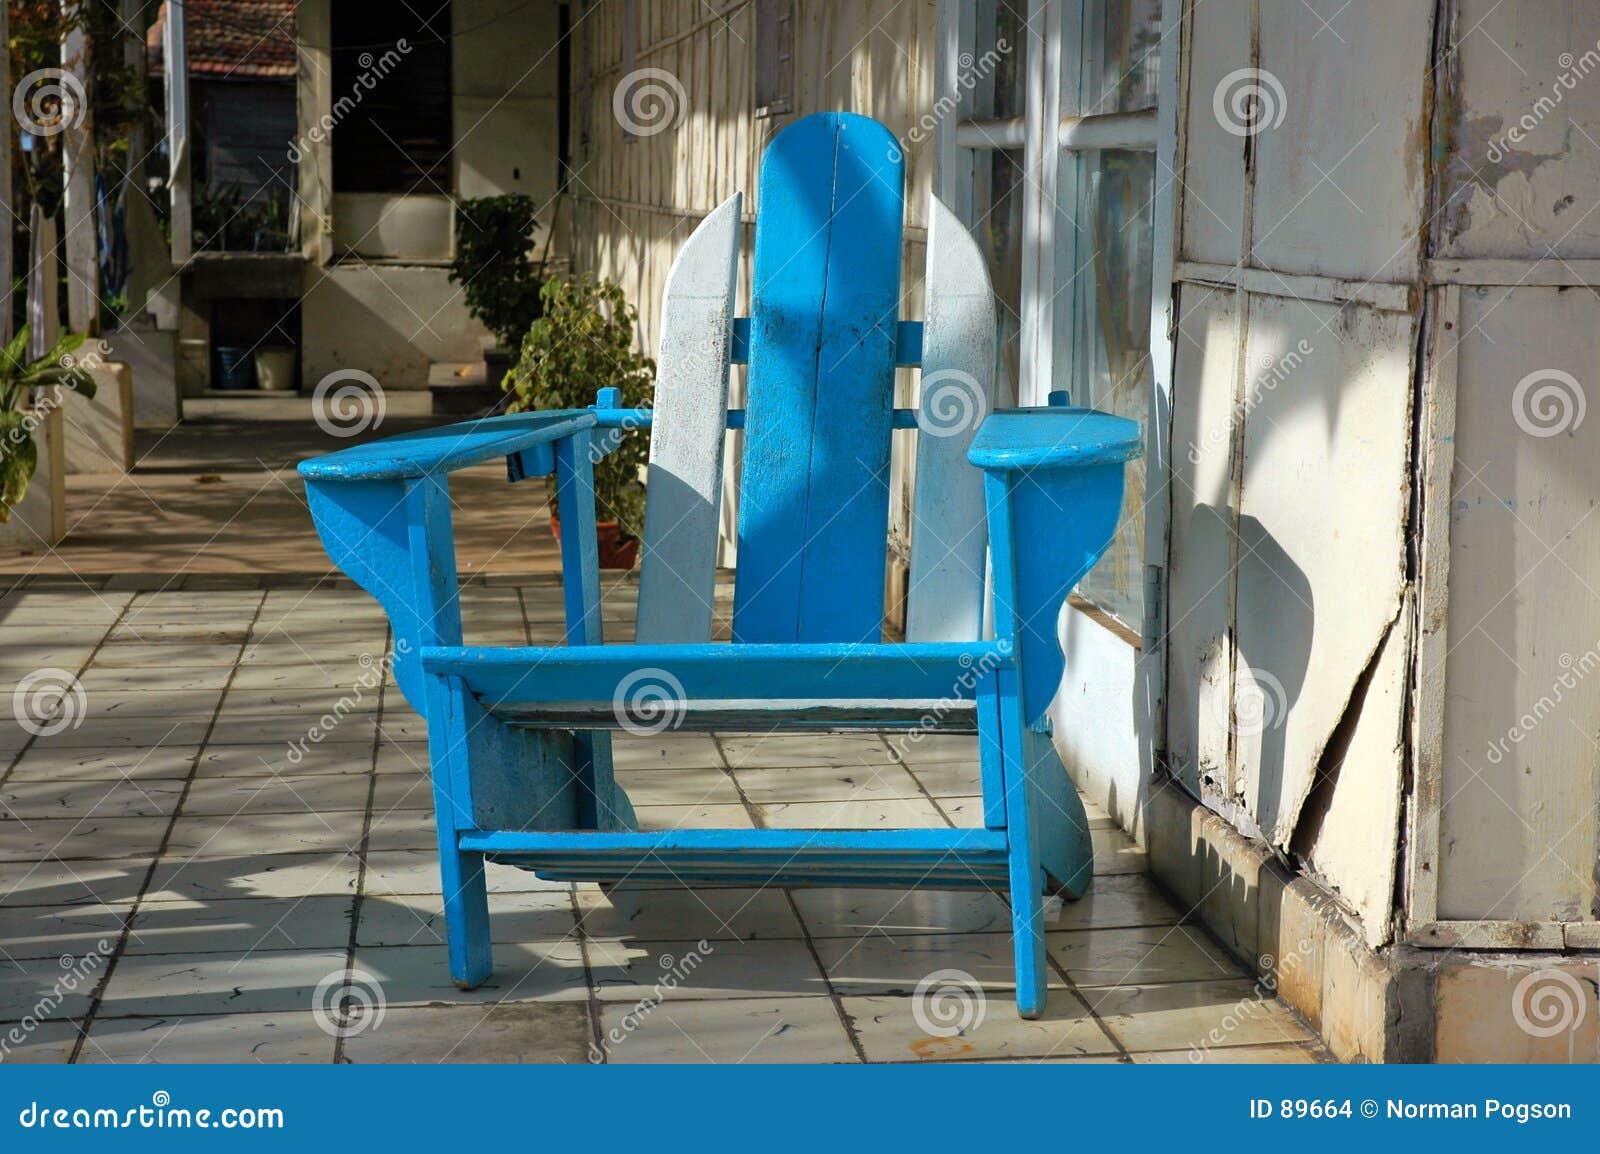 Krzesło muskoka adirondack